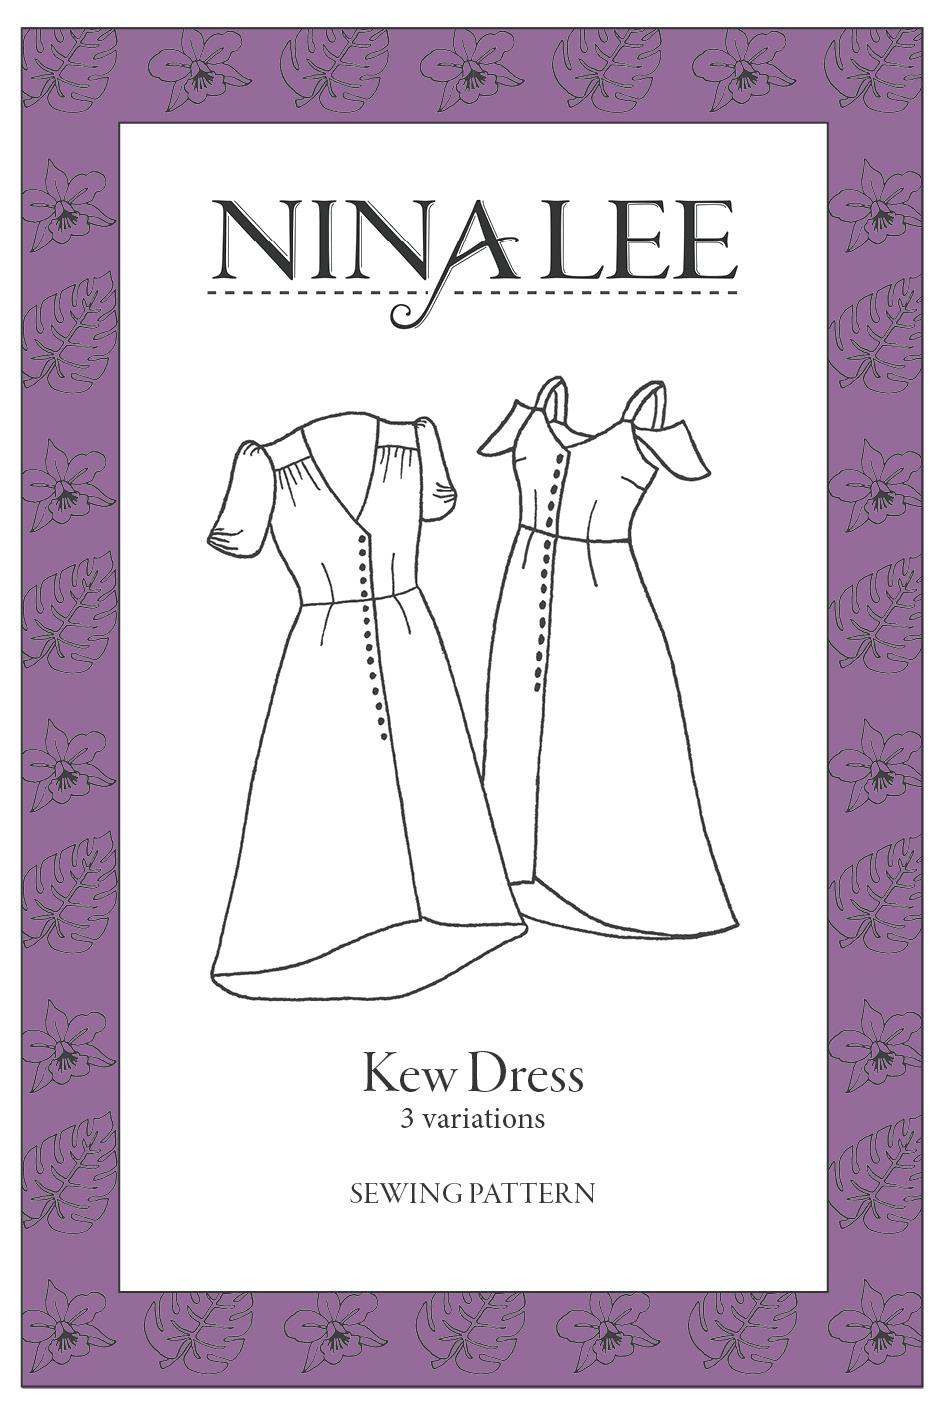 Kew Dress pattern 3101